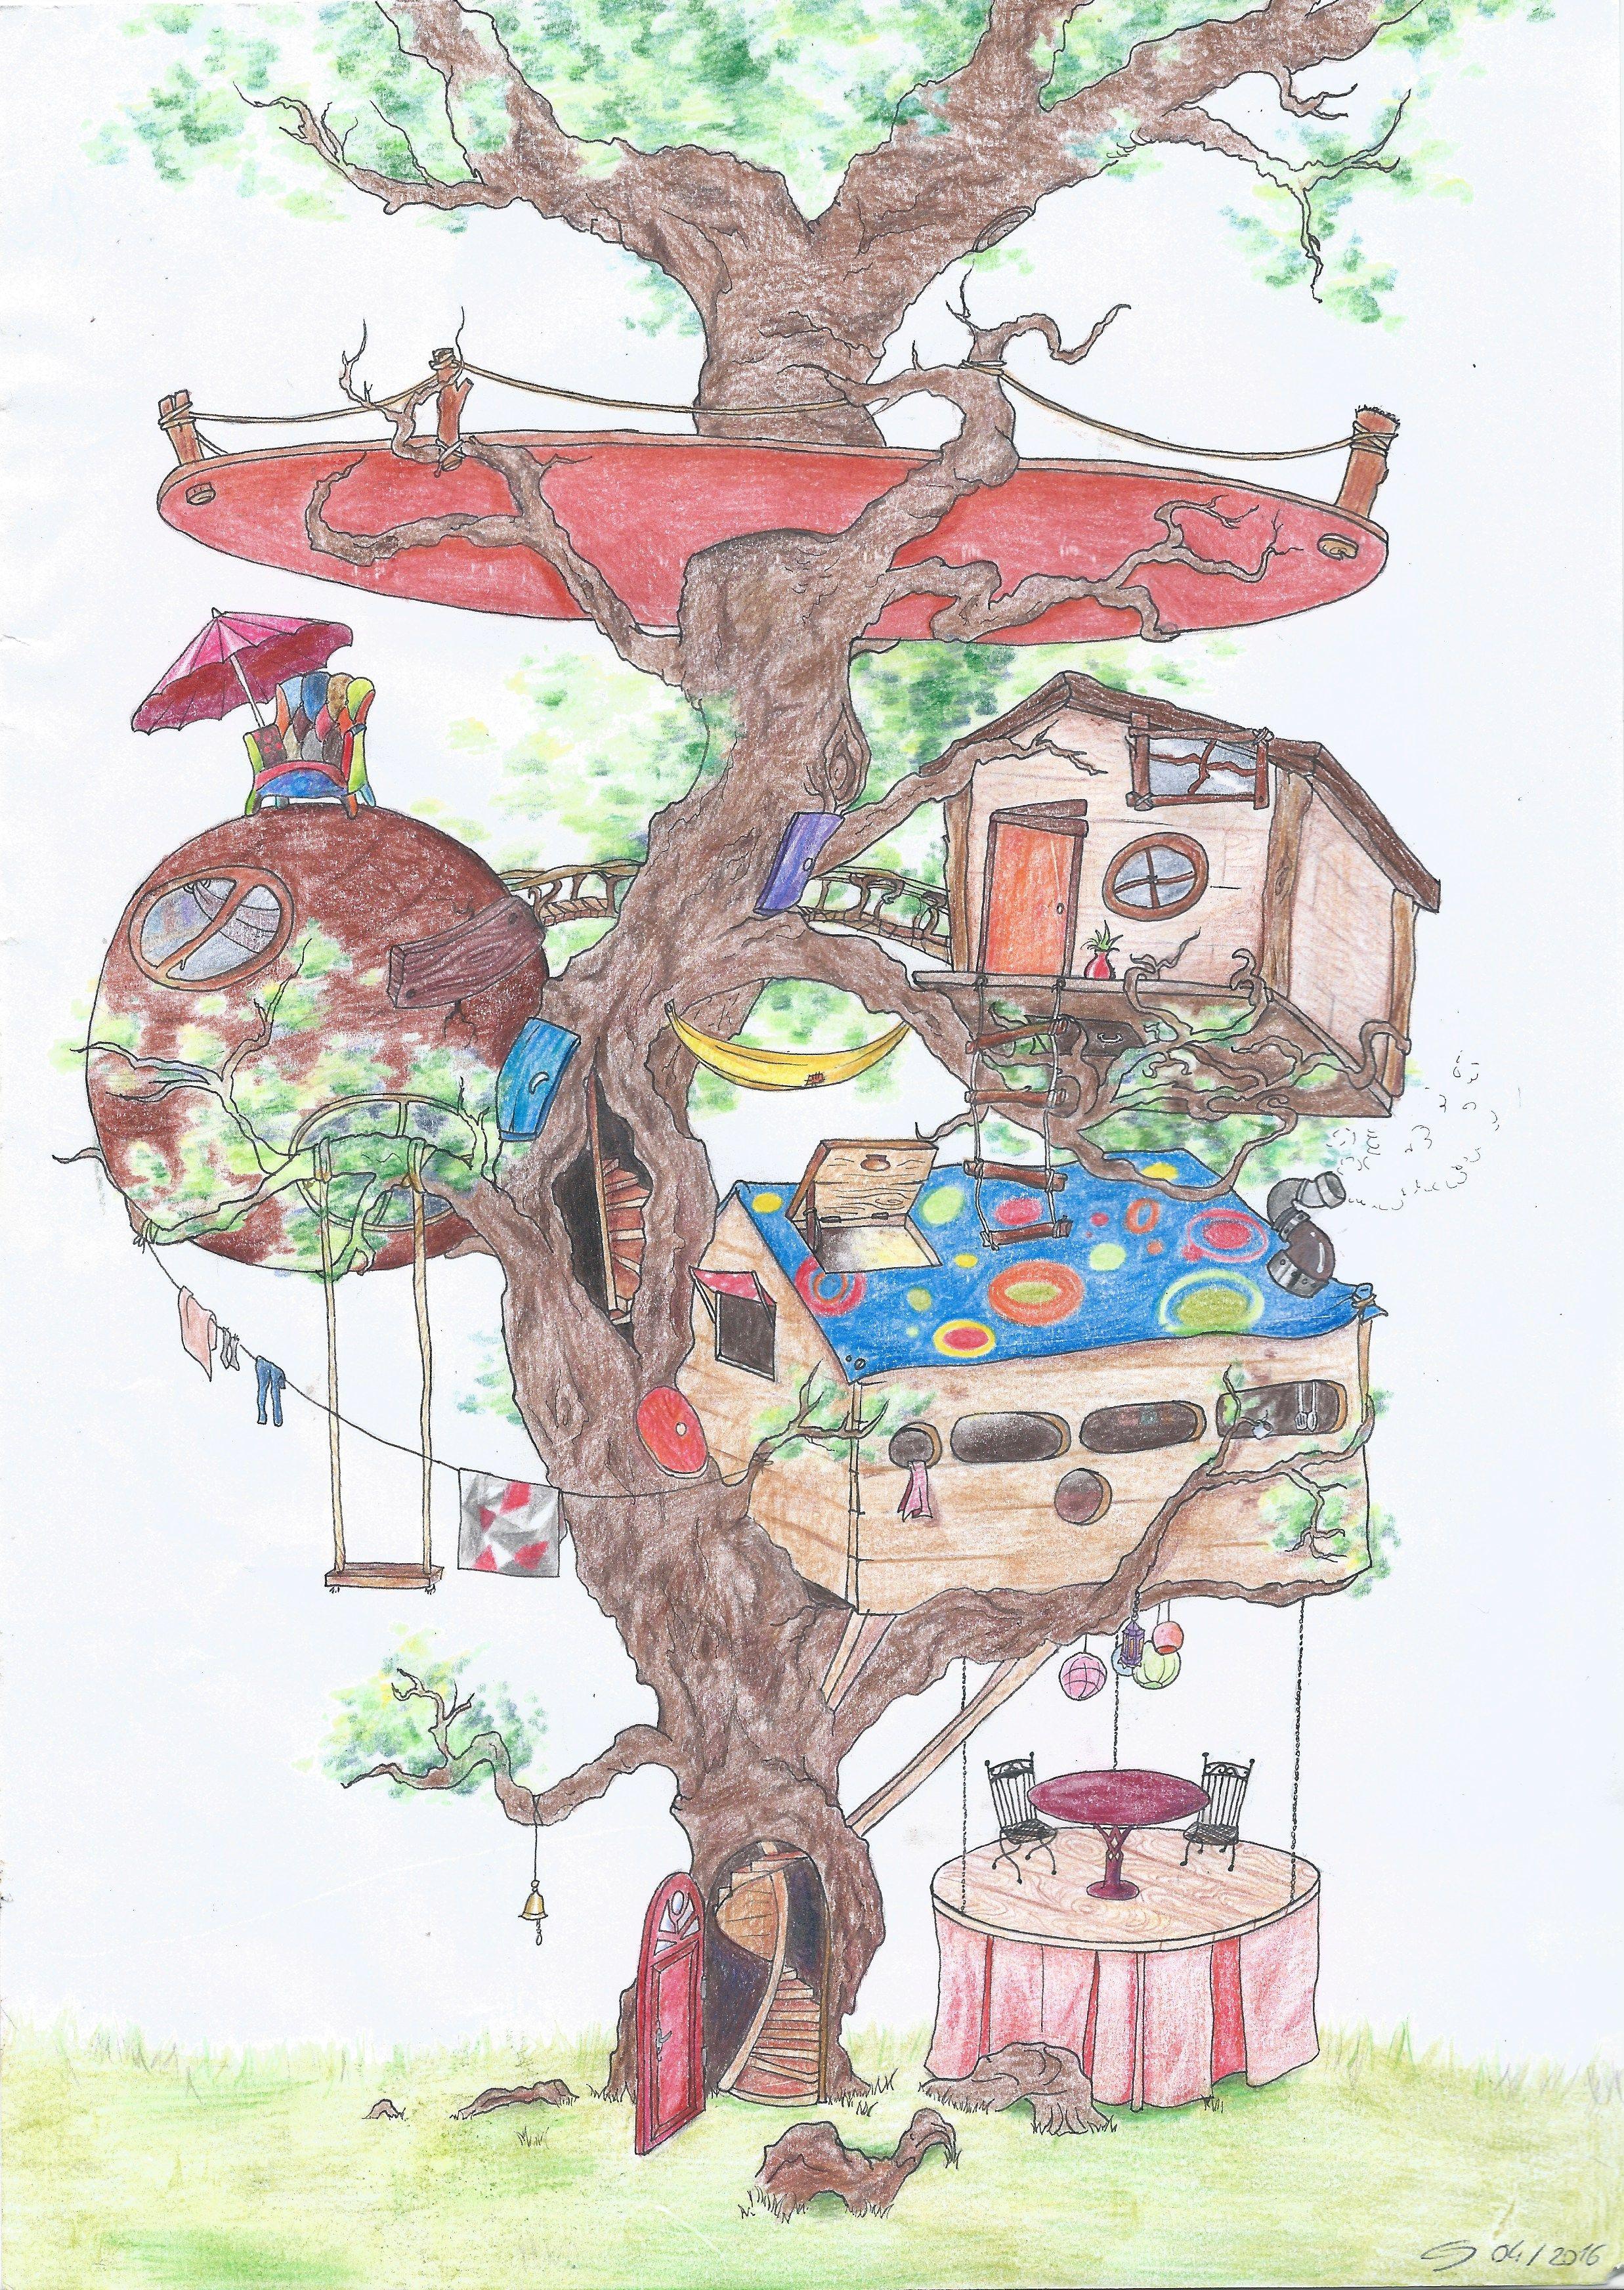 Maison dessin · dessins · une cabane imaginaire dans laquelle jadorerais habiter arbre cabane